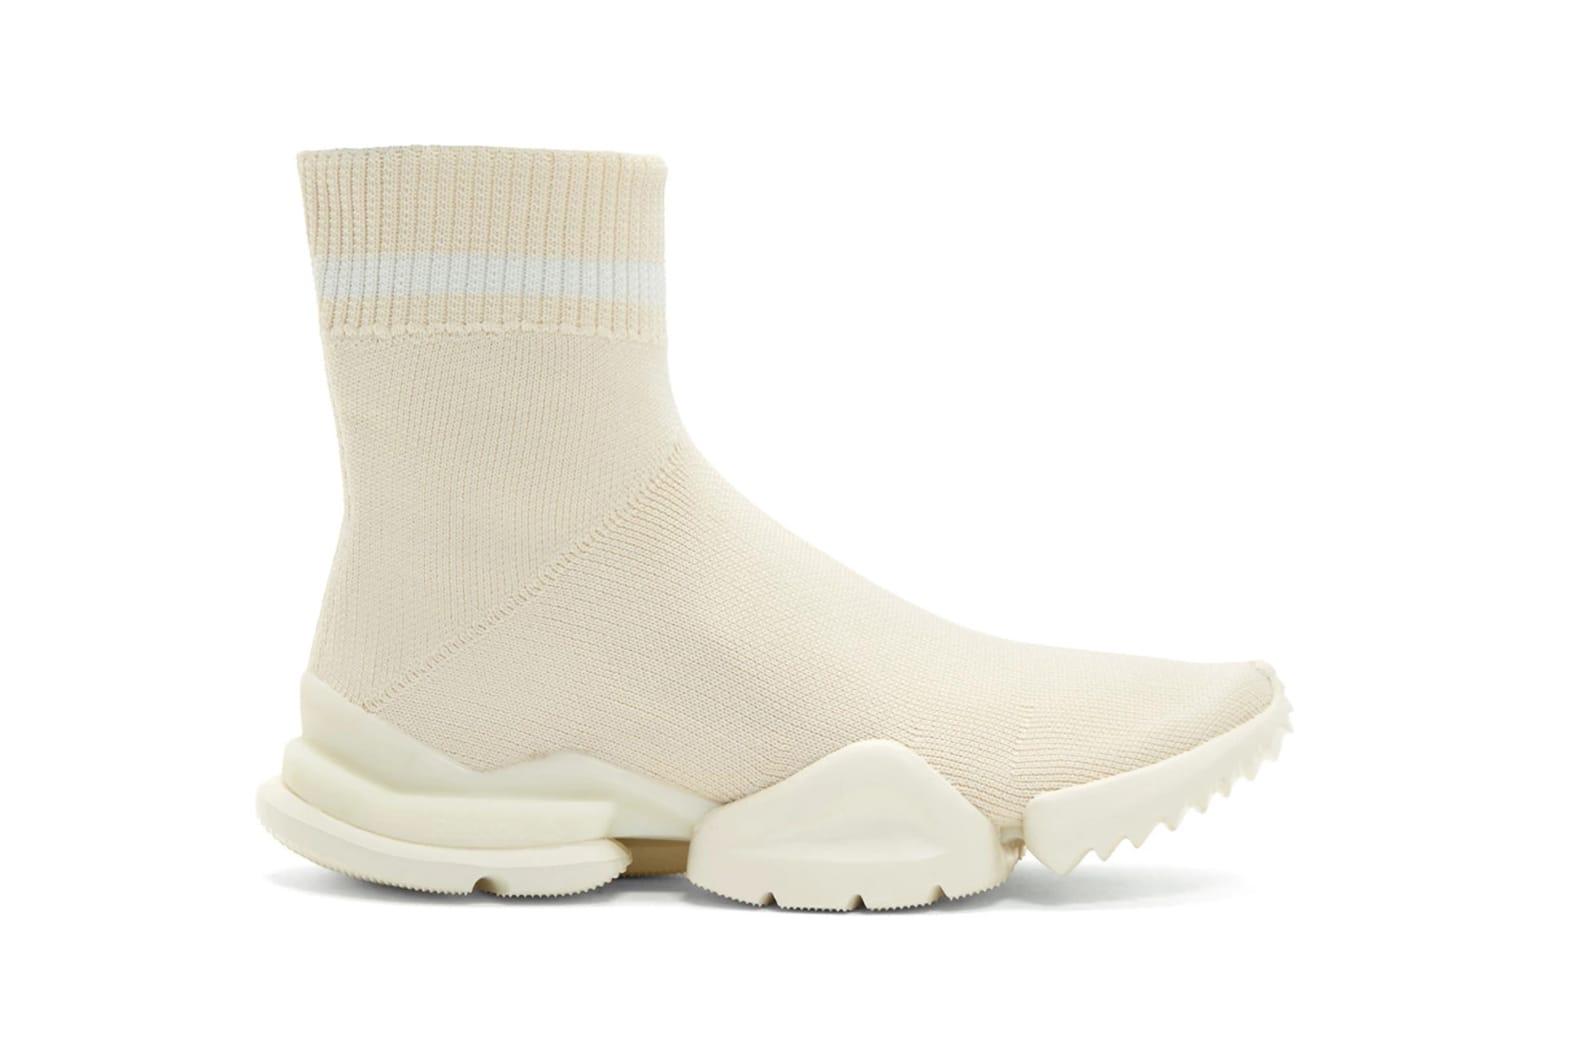 Reebok Releases Sock Runner in Summer